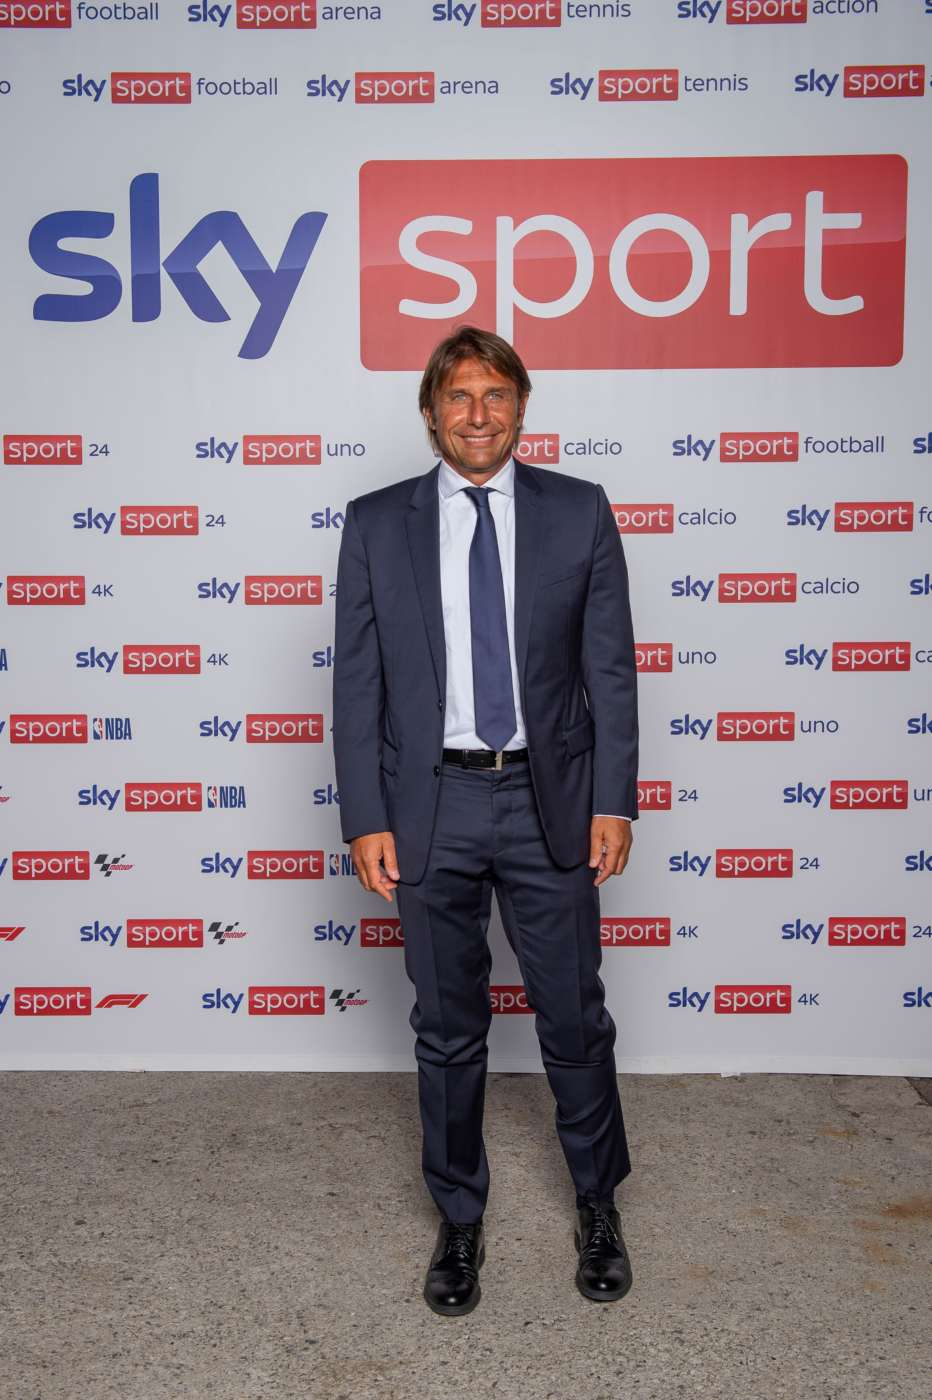 Sky Sport - Antonio Conte